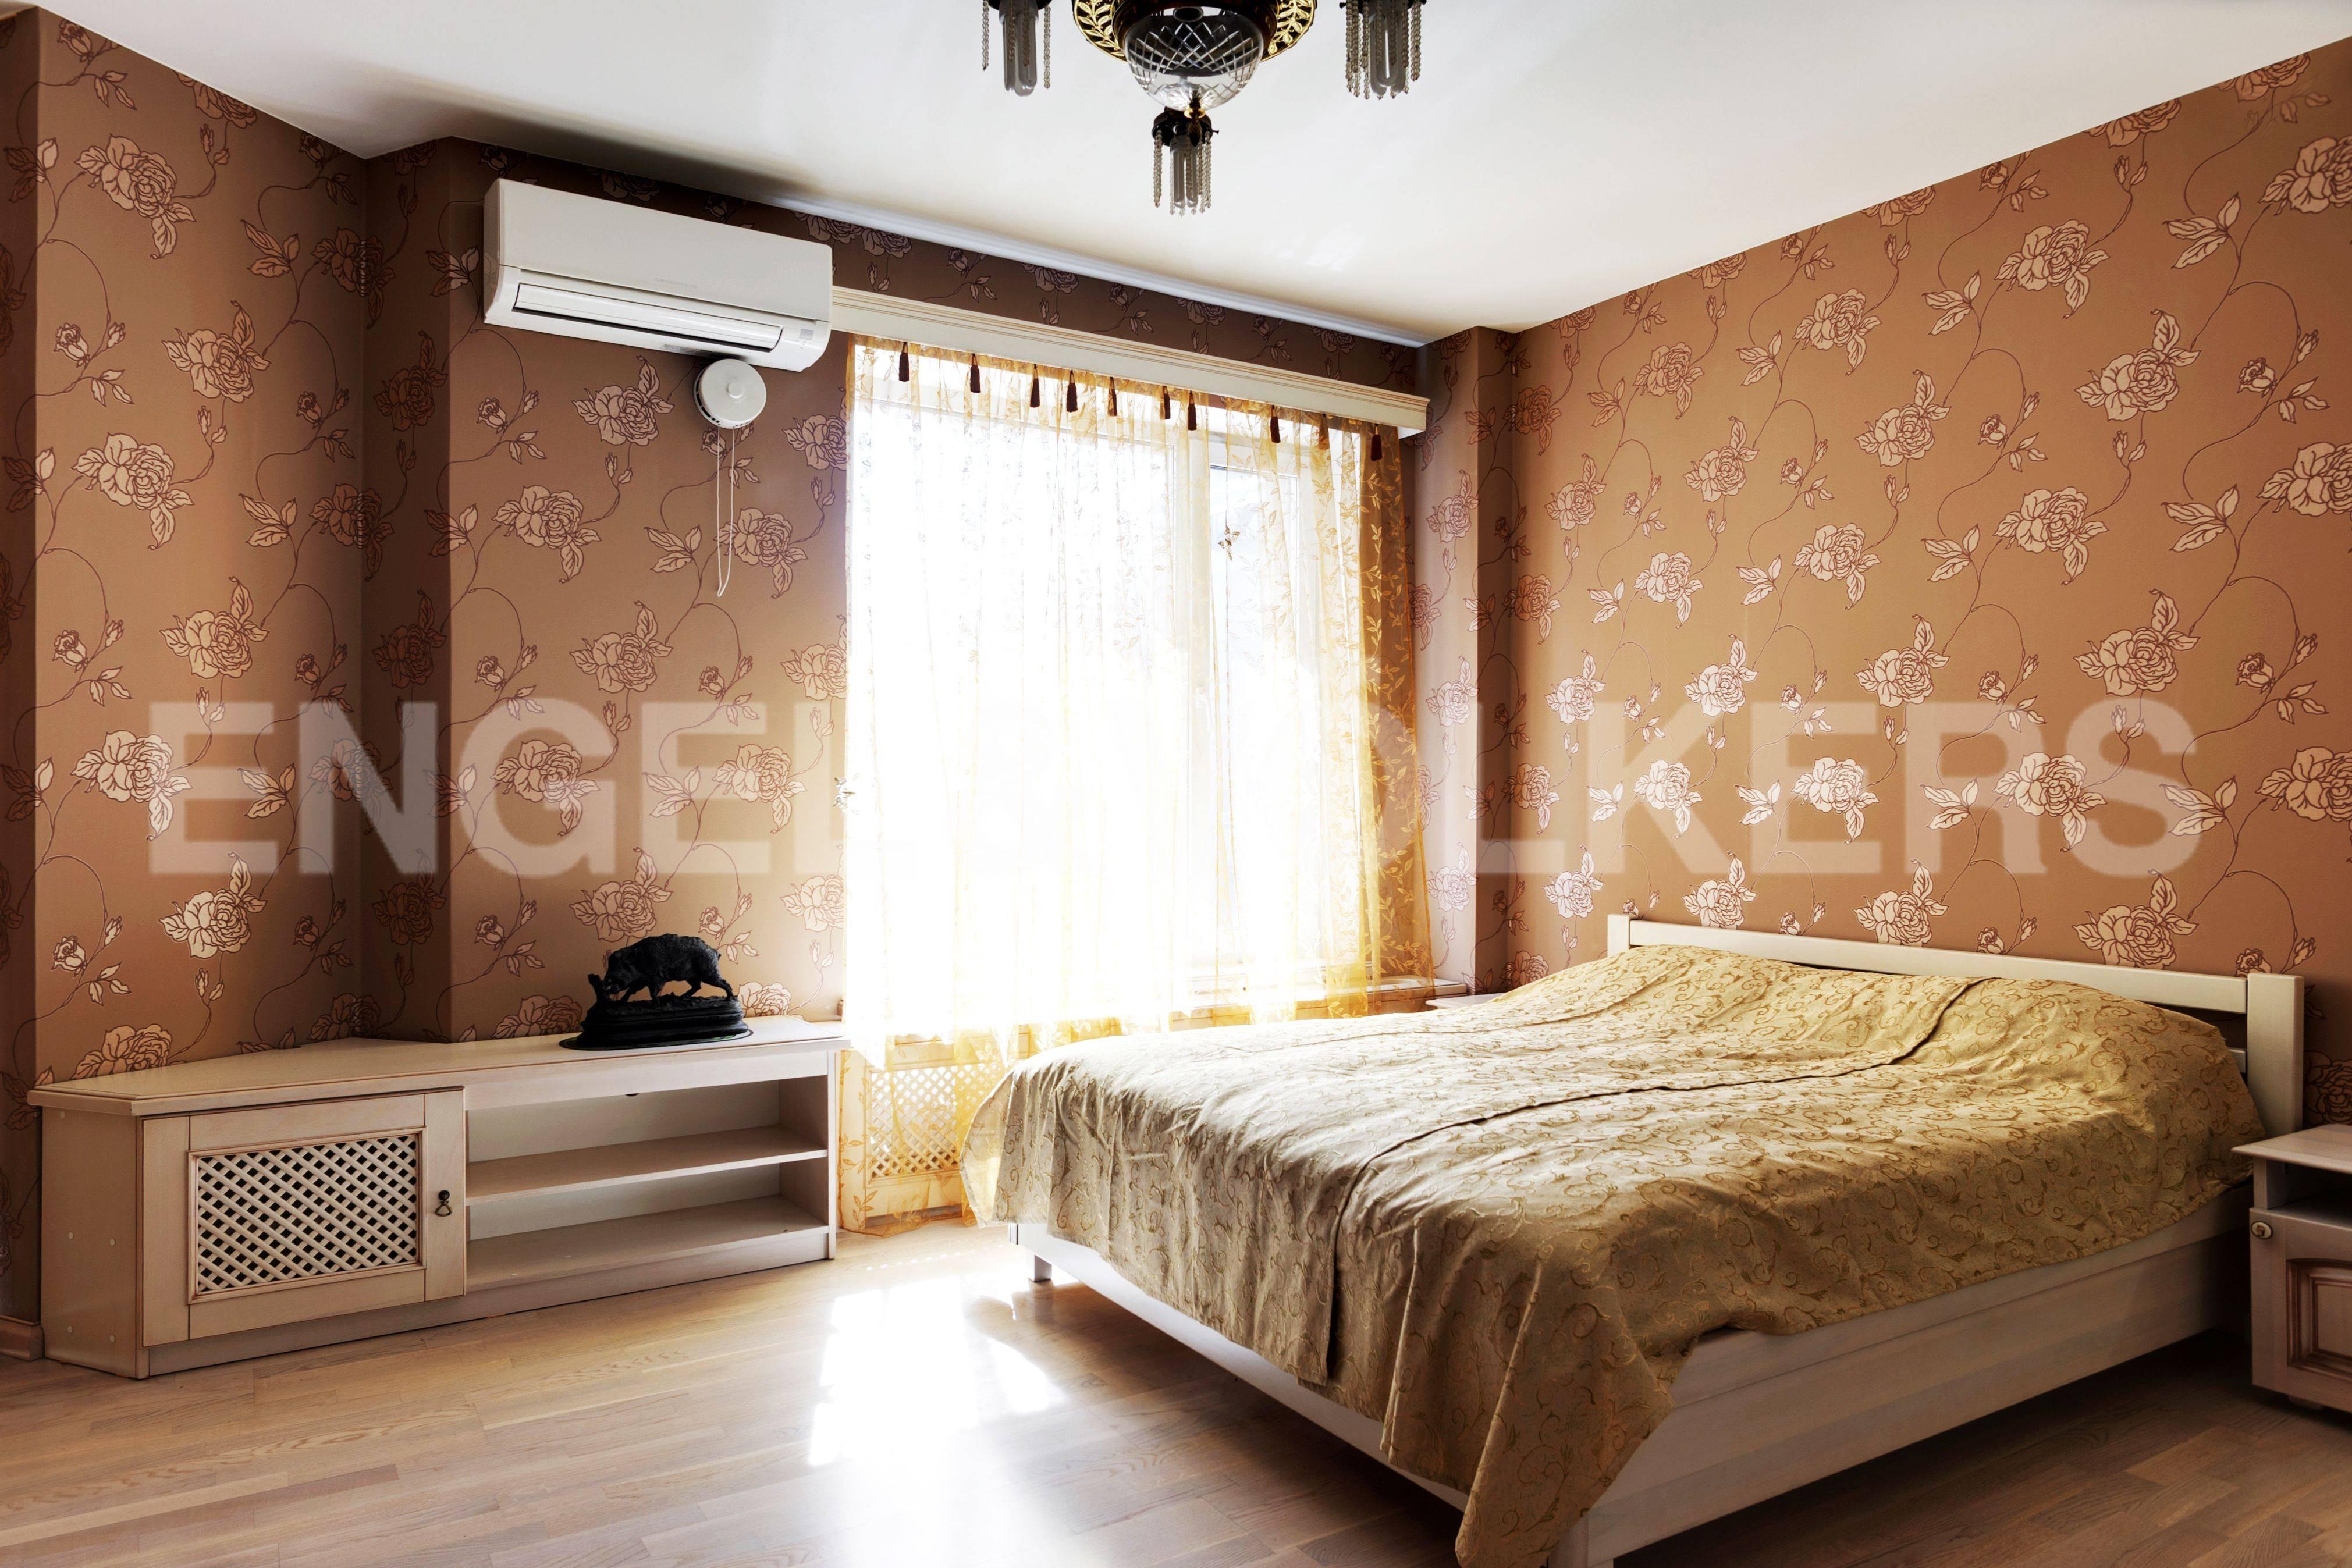 Элитные квартиры в Выборгский р-н. Санкт-Петербург, Большой Сампсониевский пр. 4-6. Спальня